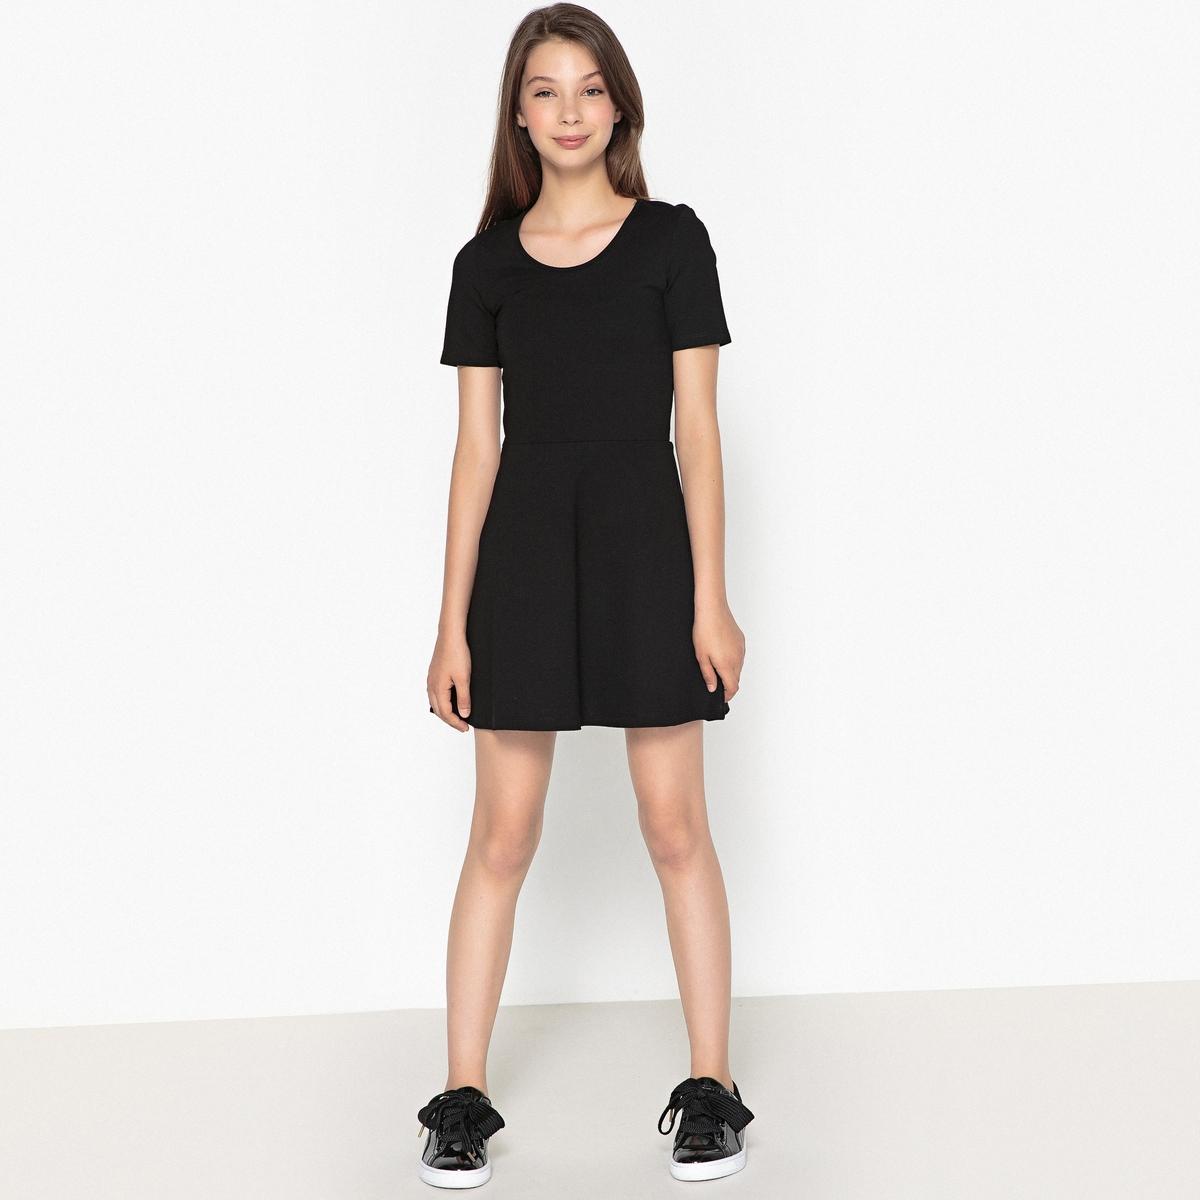 Платье расклешенное с запахом сзади, 10-16 лет